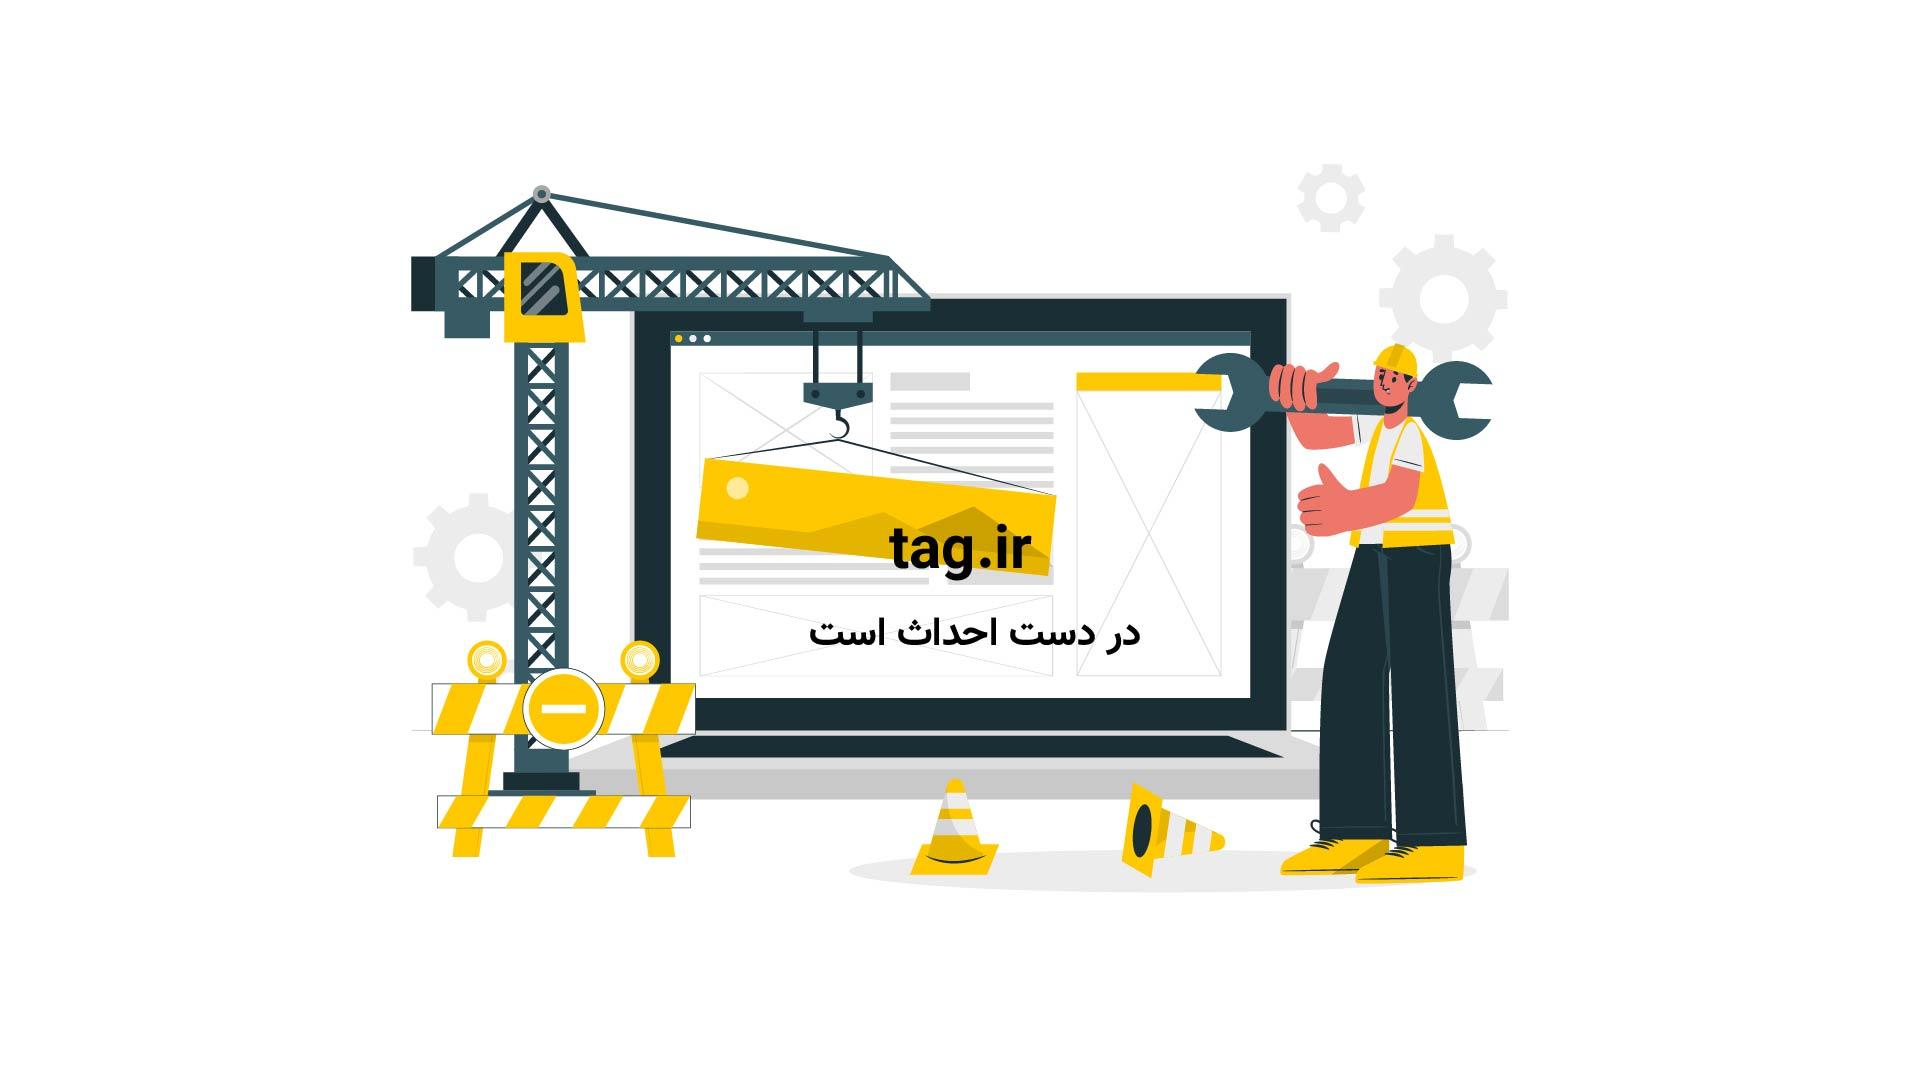 بهترین گلهای هفته پنجم سری A ایتالیا